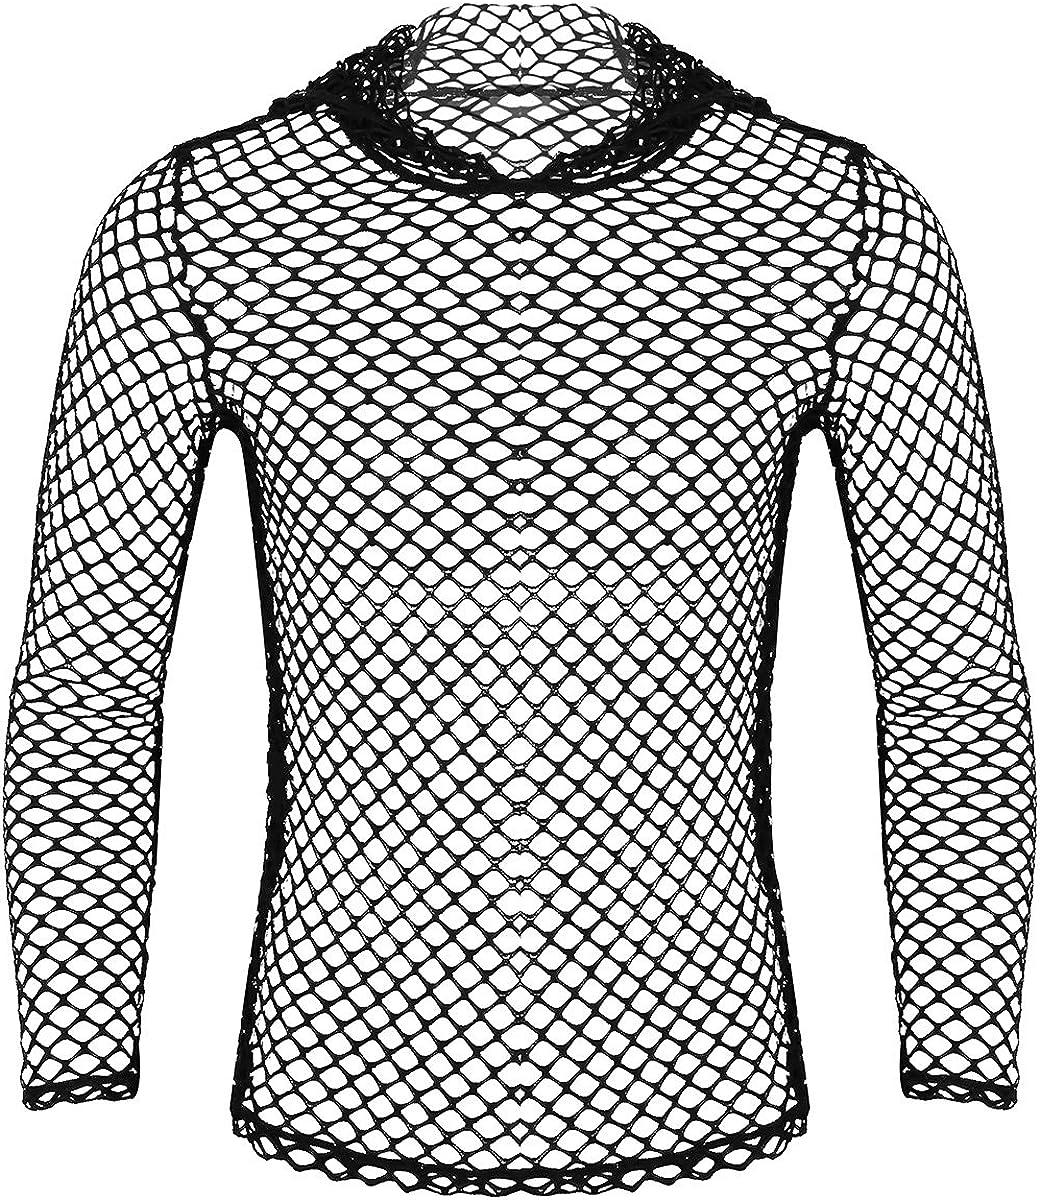 iiniim Camiseta de Malla Hombre Camisa Negro Fishnet Transparente Manga Larga Sudadera con Capucha Clubwear Apretada Muscular Ajuste para Hombres M-XXL: Amazon.es: Ropa y accesorios